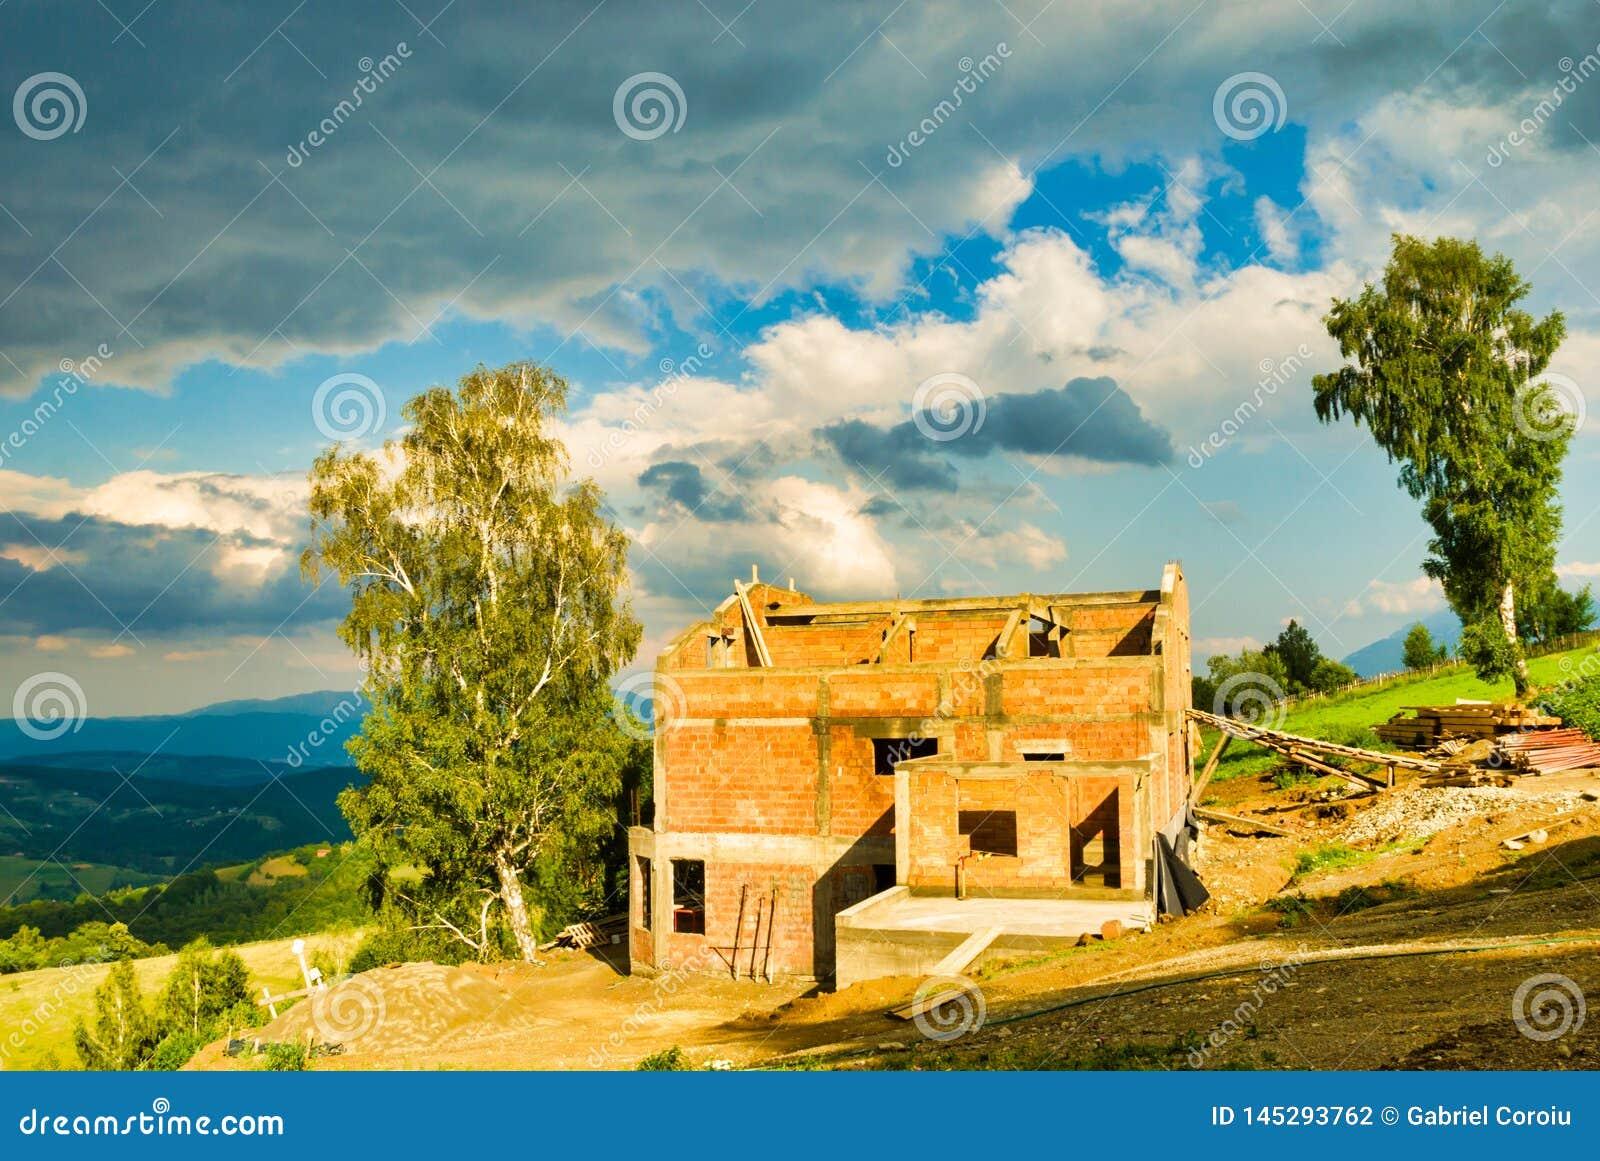 Дом кирпича построенный в горах